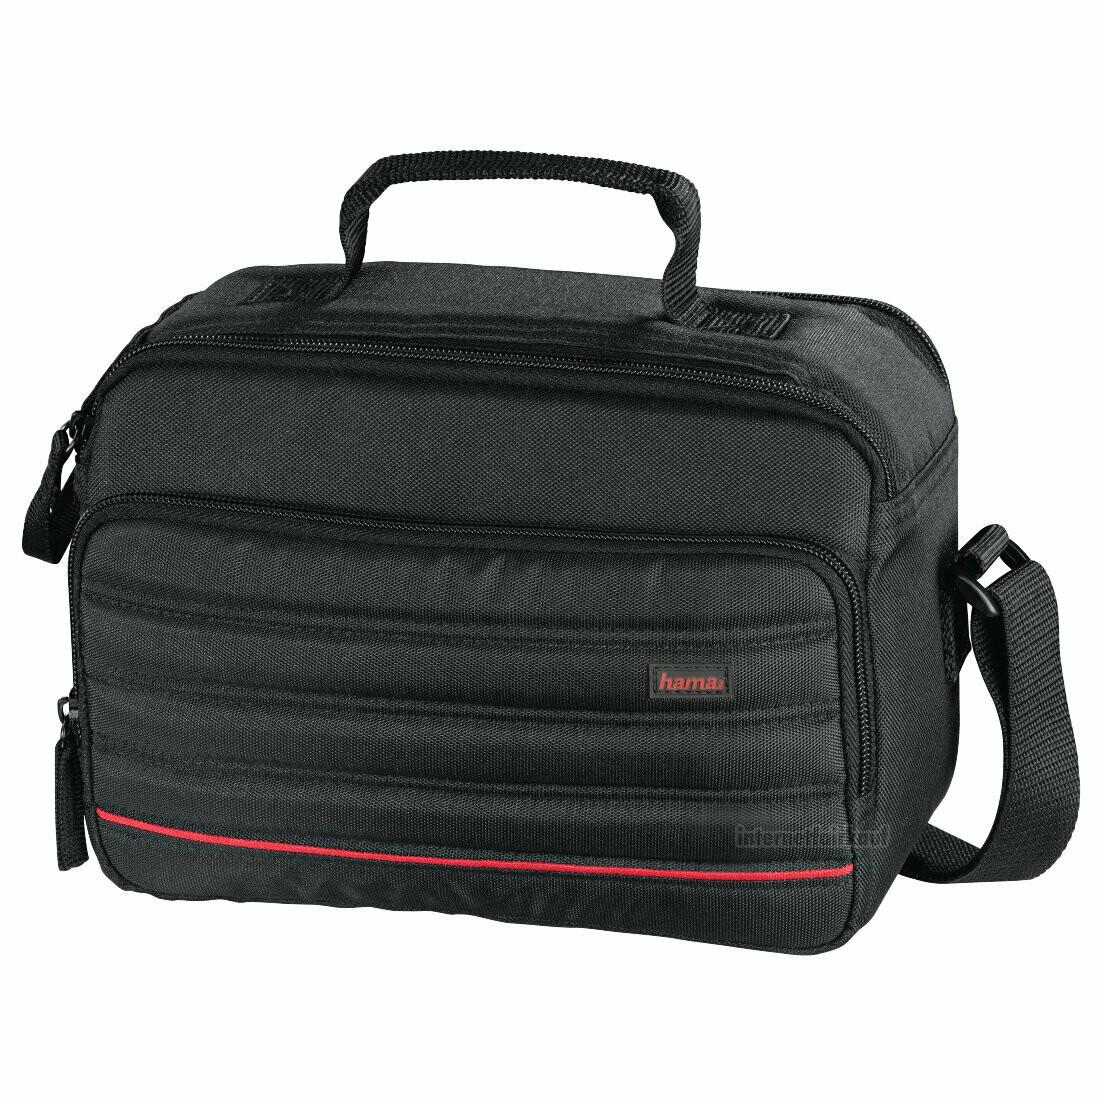 Hama Fototasche Kameratasche passend für Panasonic Lumix FZ1000